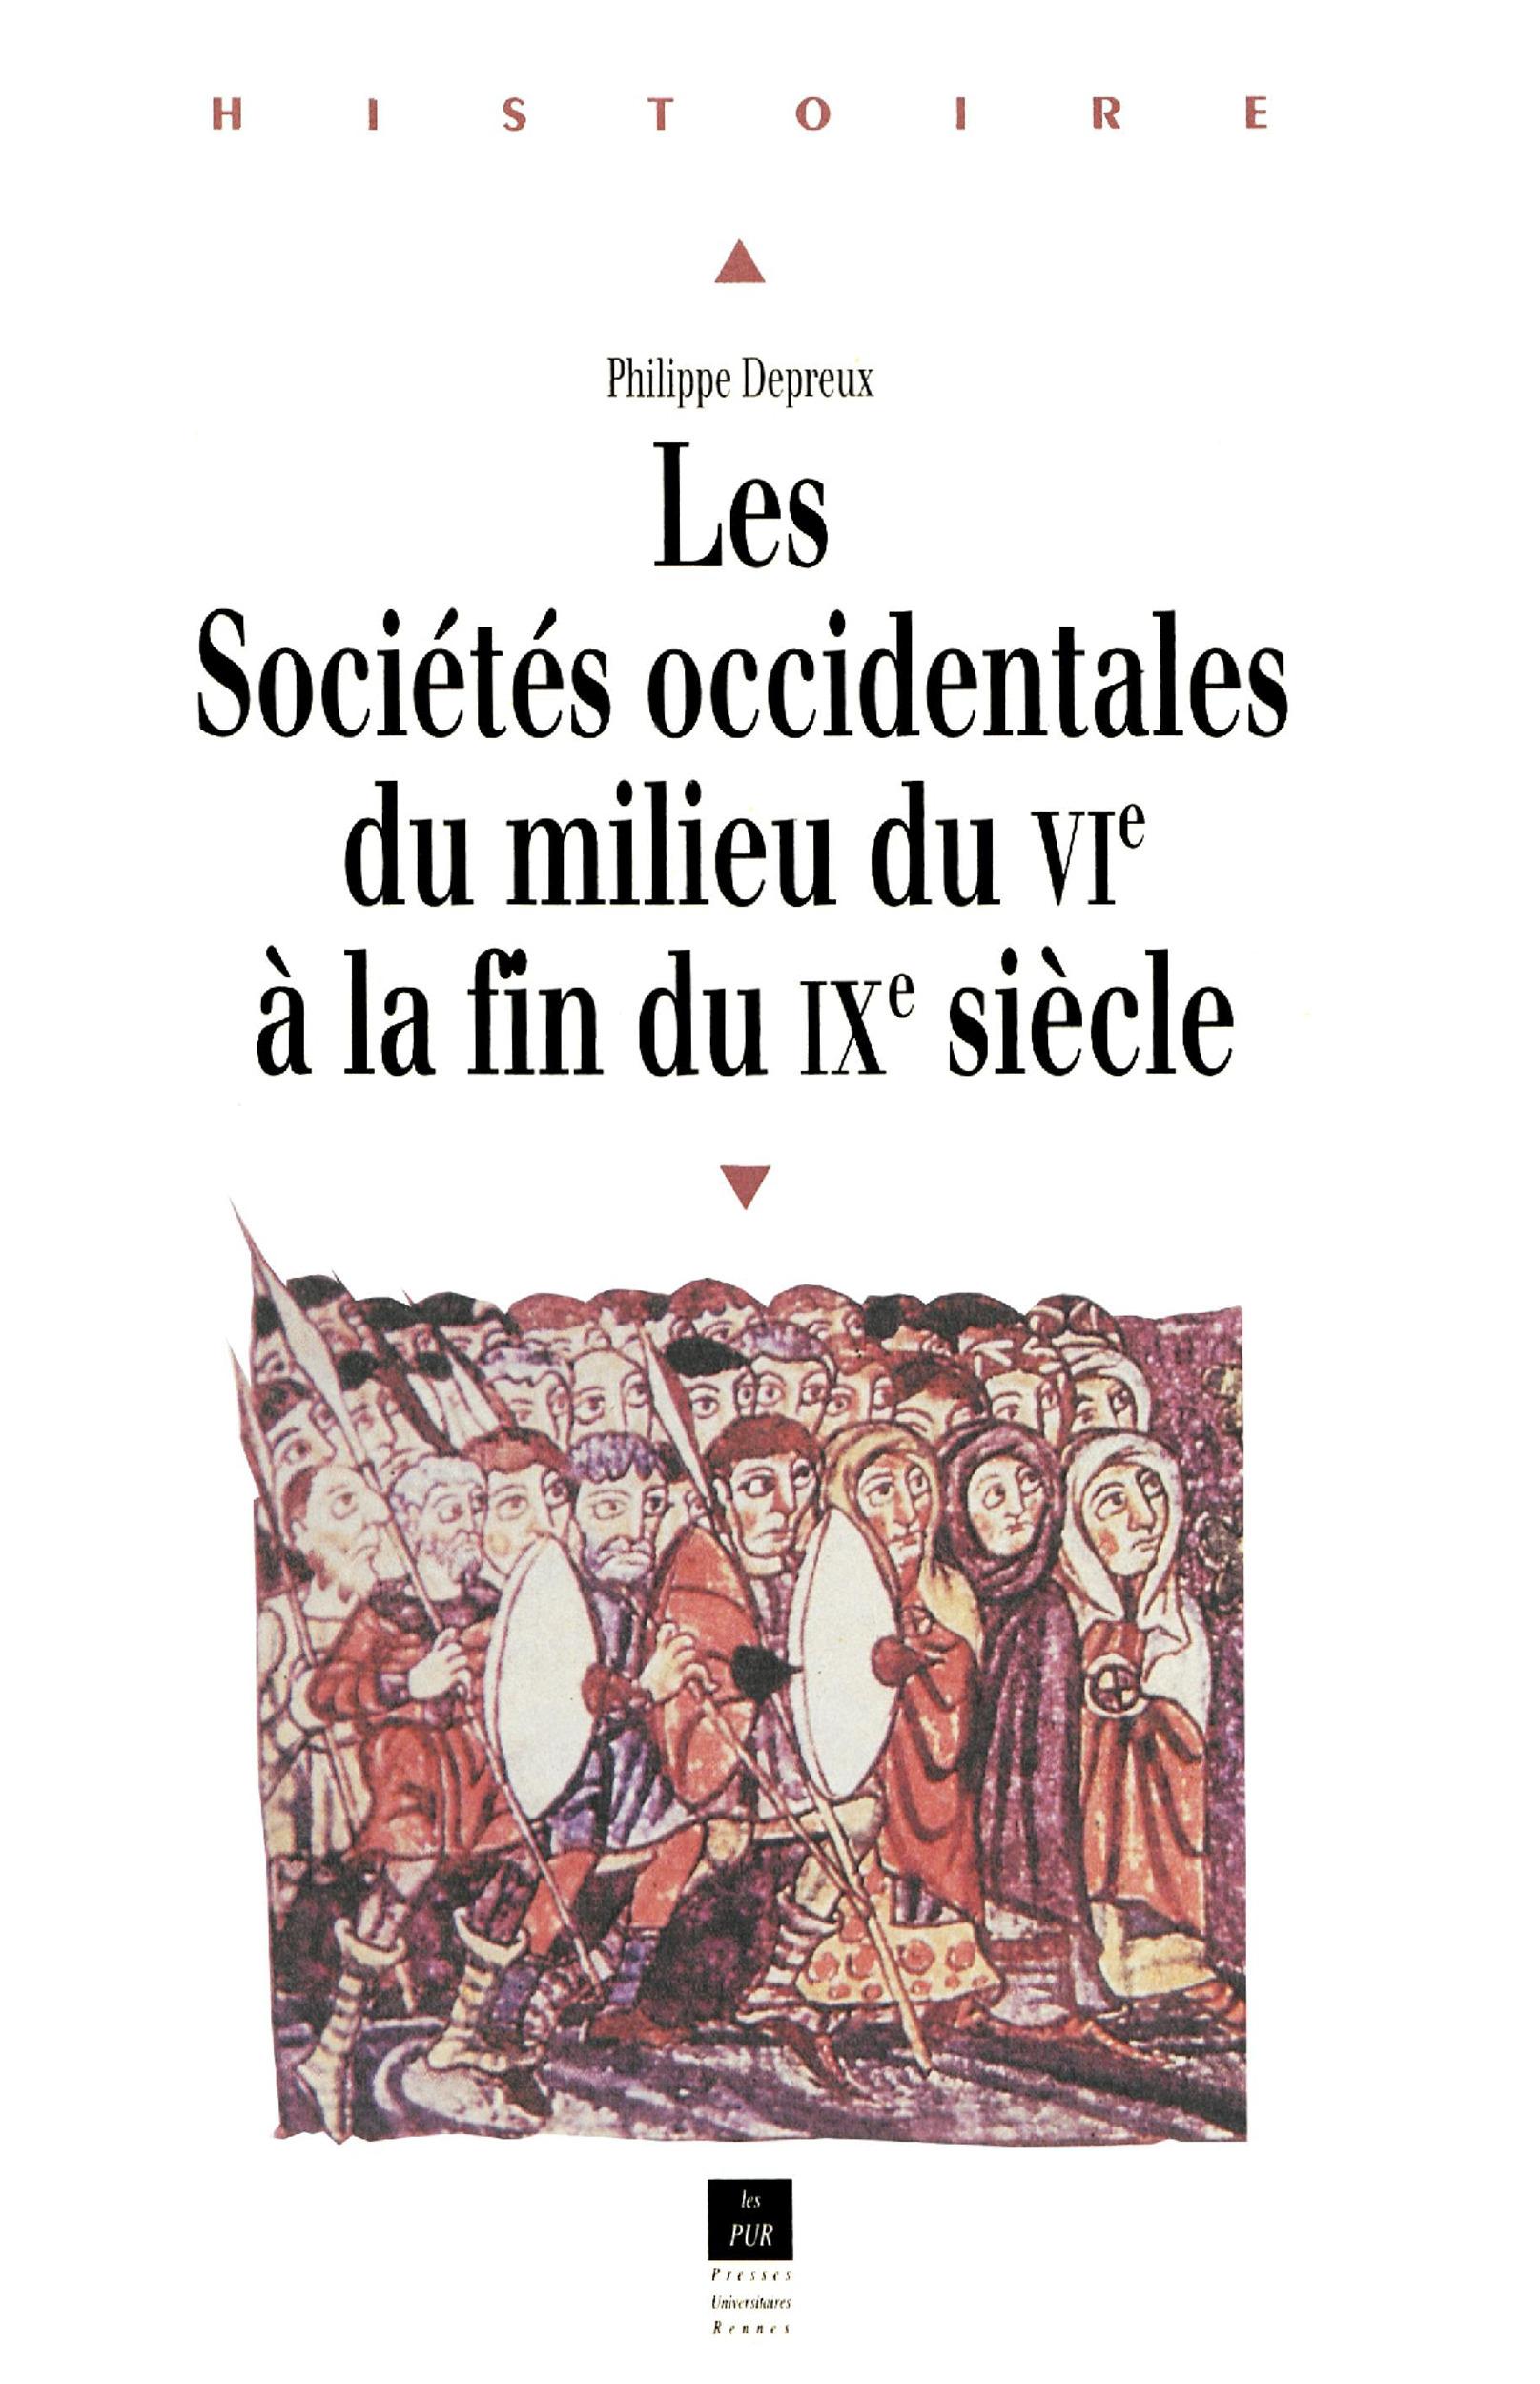 Les sociétés occidentales du milieu du VI à la fin du IX siècle